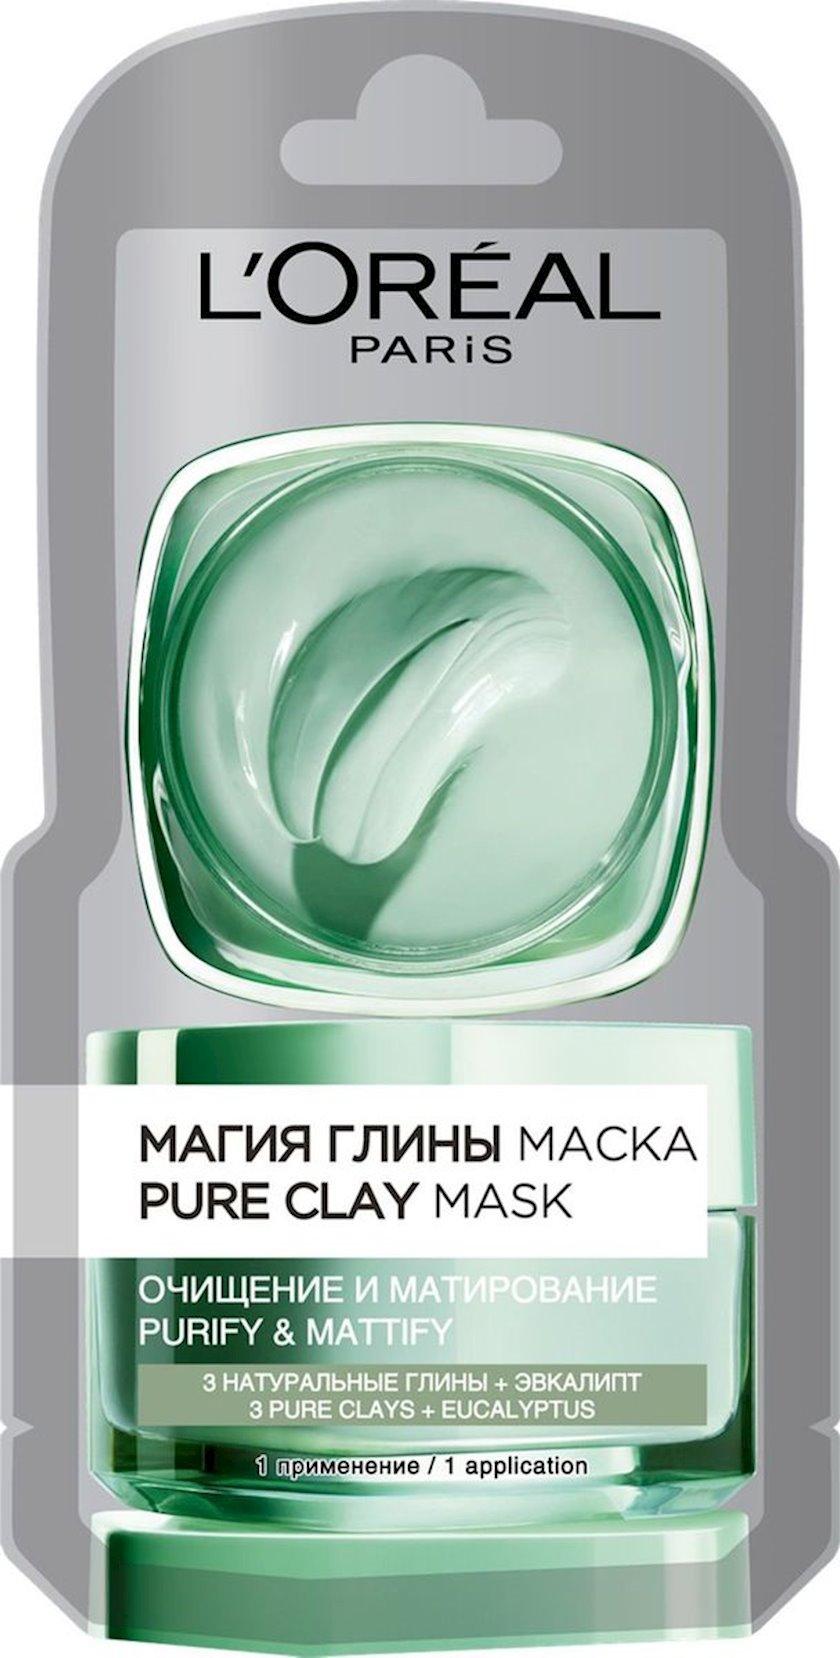 Maska L'Oreal Paris Skin Expert Gil sehri Təmizləmə və matlaşdırma bütün dəri növləri üçün